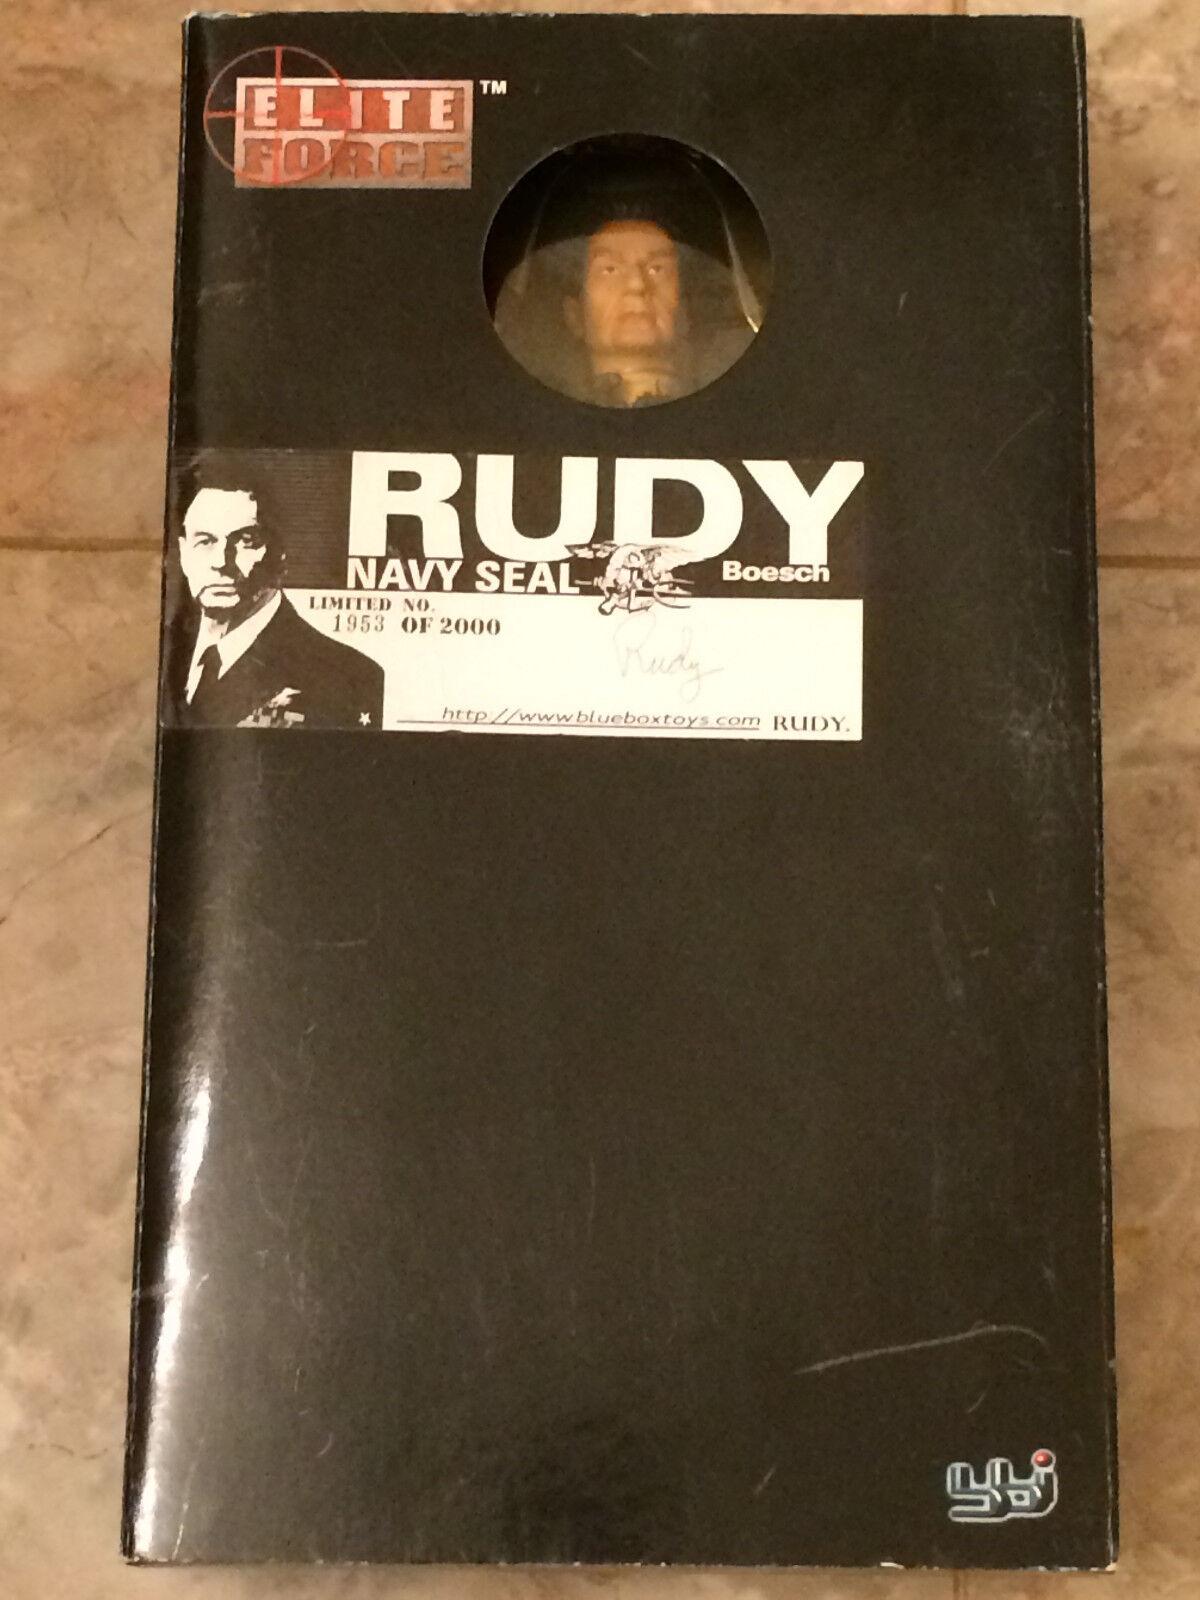 Bbi elite -  rudy  navy seal   34301 (1   6 oder 12  - skala action - figur)